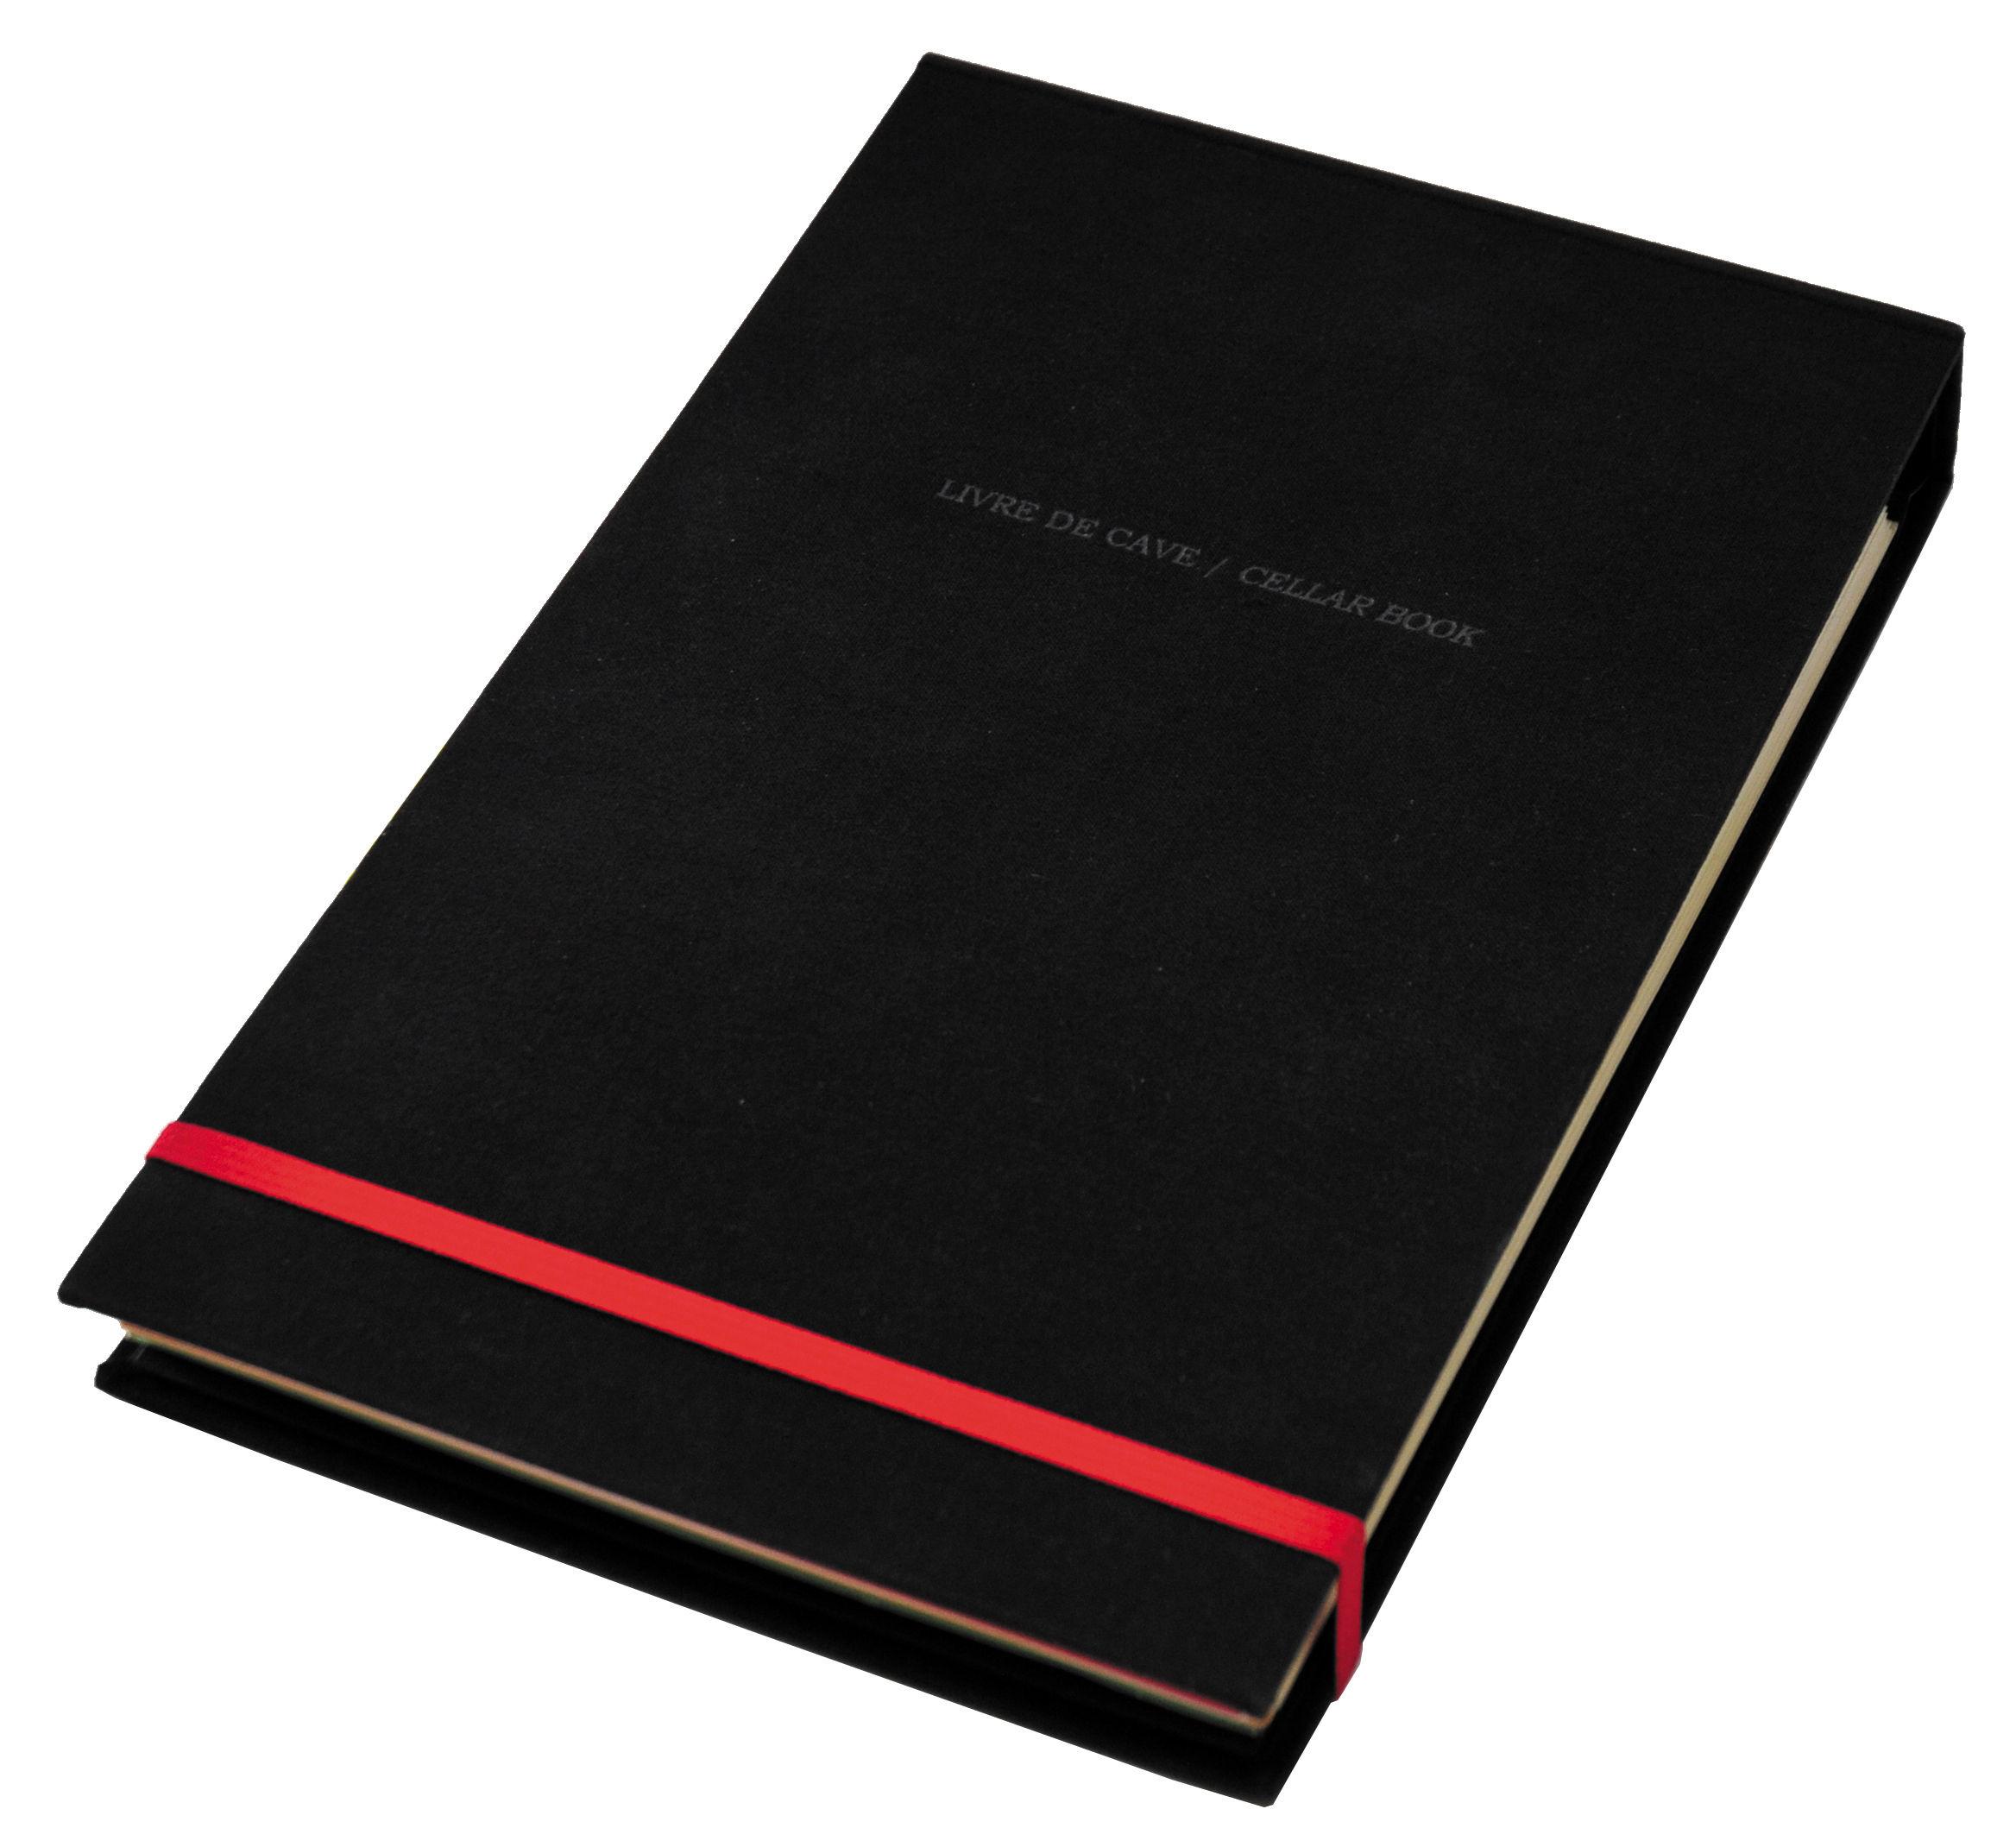 Accessoires - Livres et DVD - Carnet Livre de Cave / Méthode de dégustation - L'Atelier du Vin - Noir / Elastique rouge - Carton, Papier